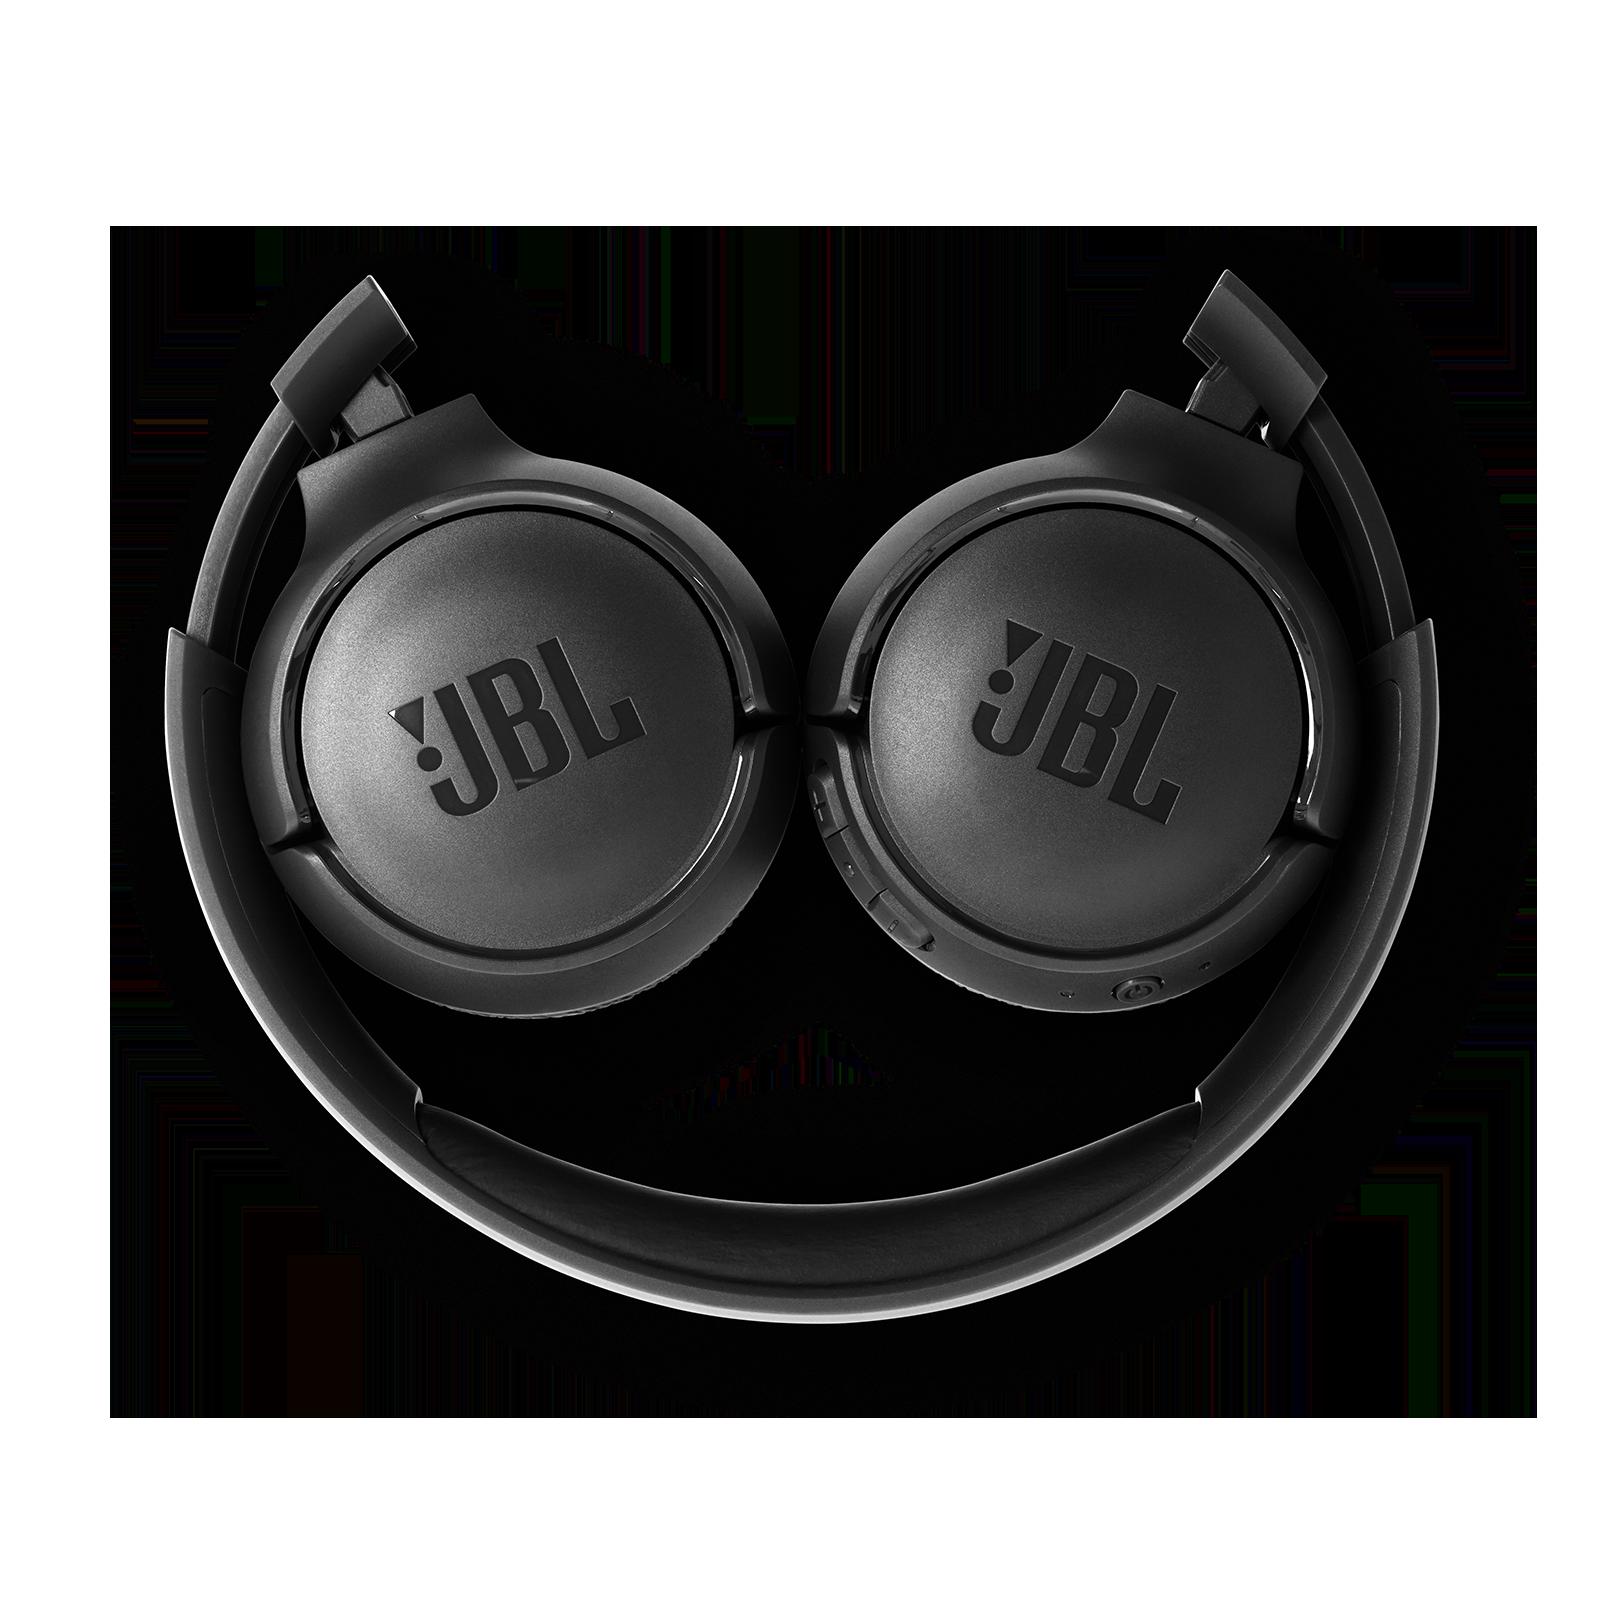 JBL TUNE 500BT - Black - Wireless on-ear headphones - Detailshot 2